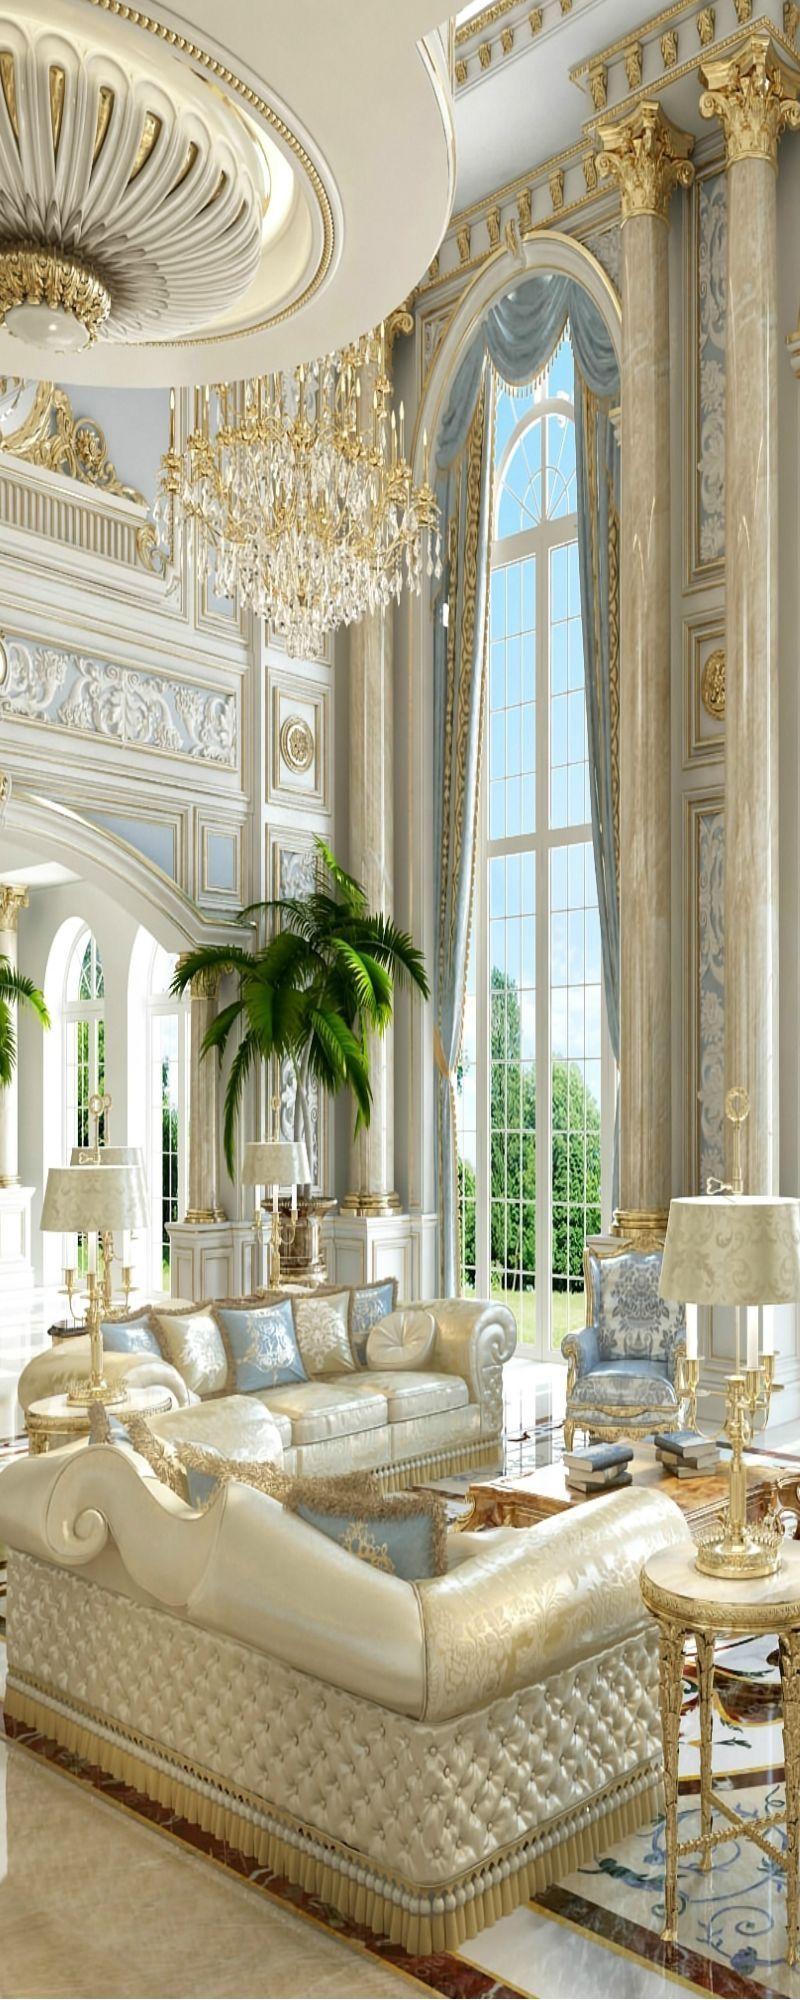 Interiores De Casa, Decoraciones De Casa, Interior Lujoso, Muebles,  Mansiones De Lujo, Sala De Estar, Casas Por Dentro, Casas De Ensueño,  Decoracion De ...